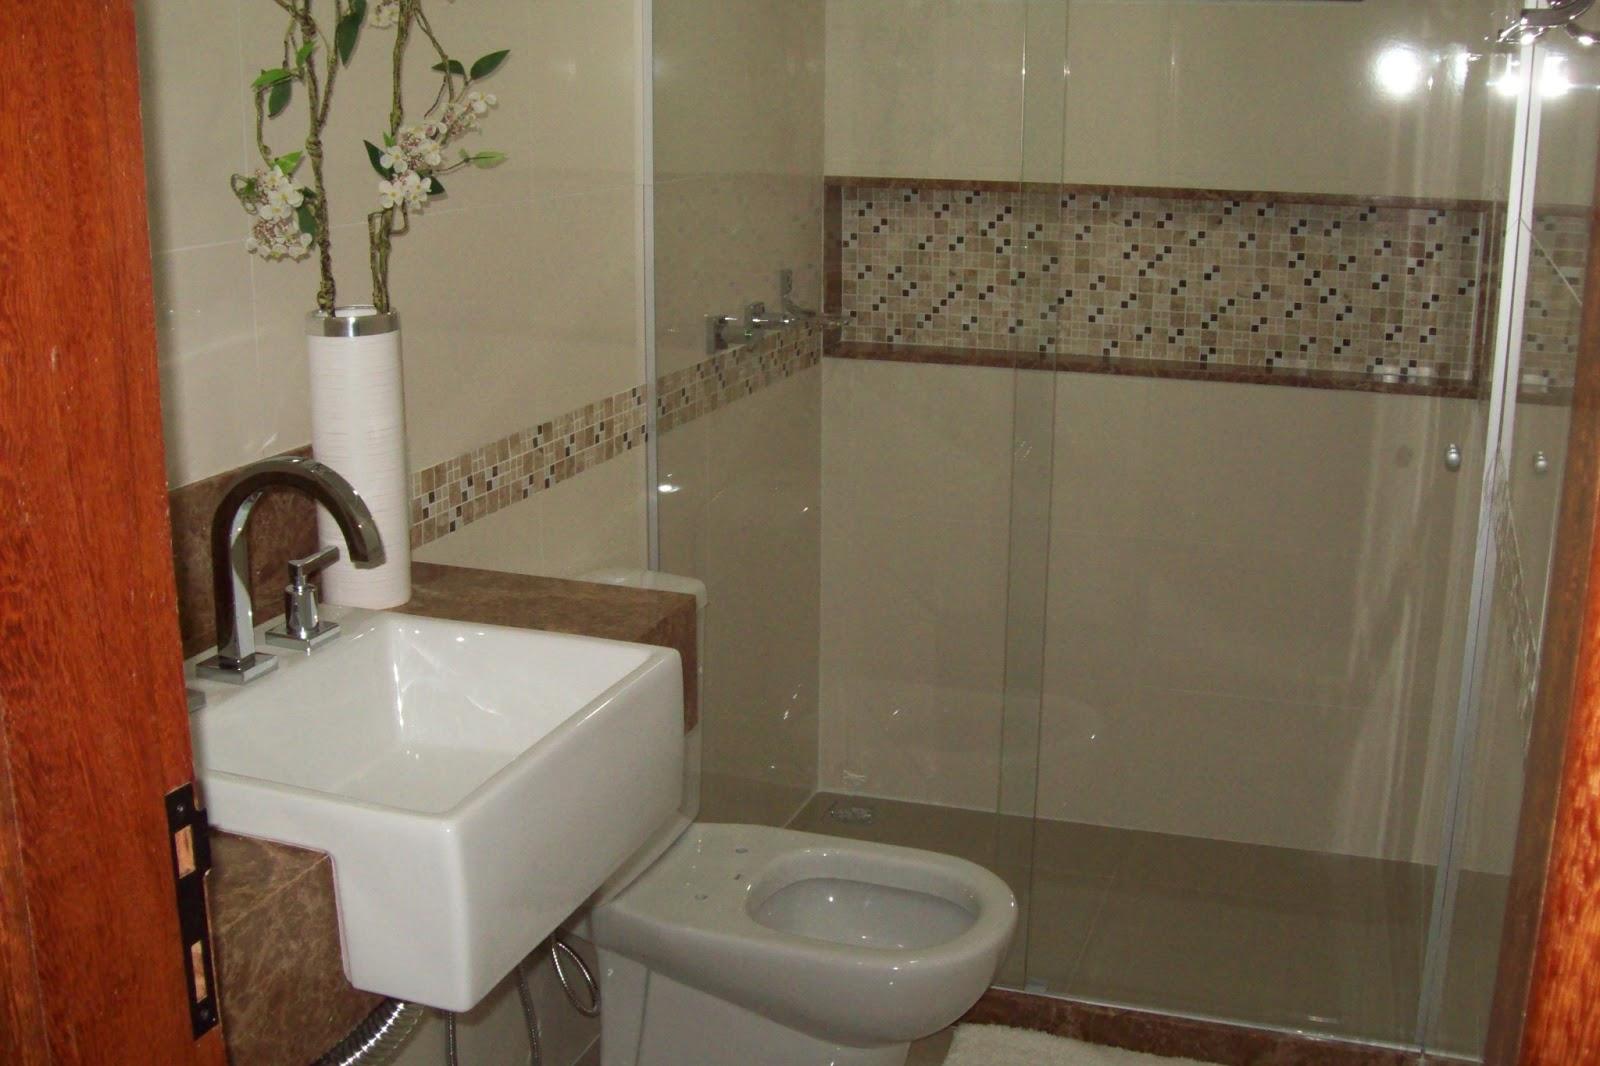 Construções Domingos: Banheiro com Nicho #AE461D 1600x1066 Acabamento Em Banheiro